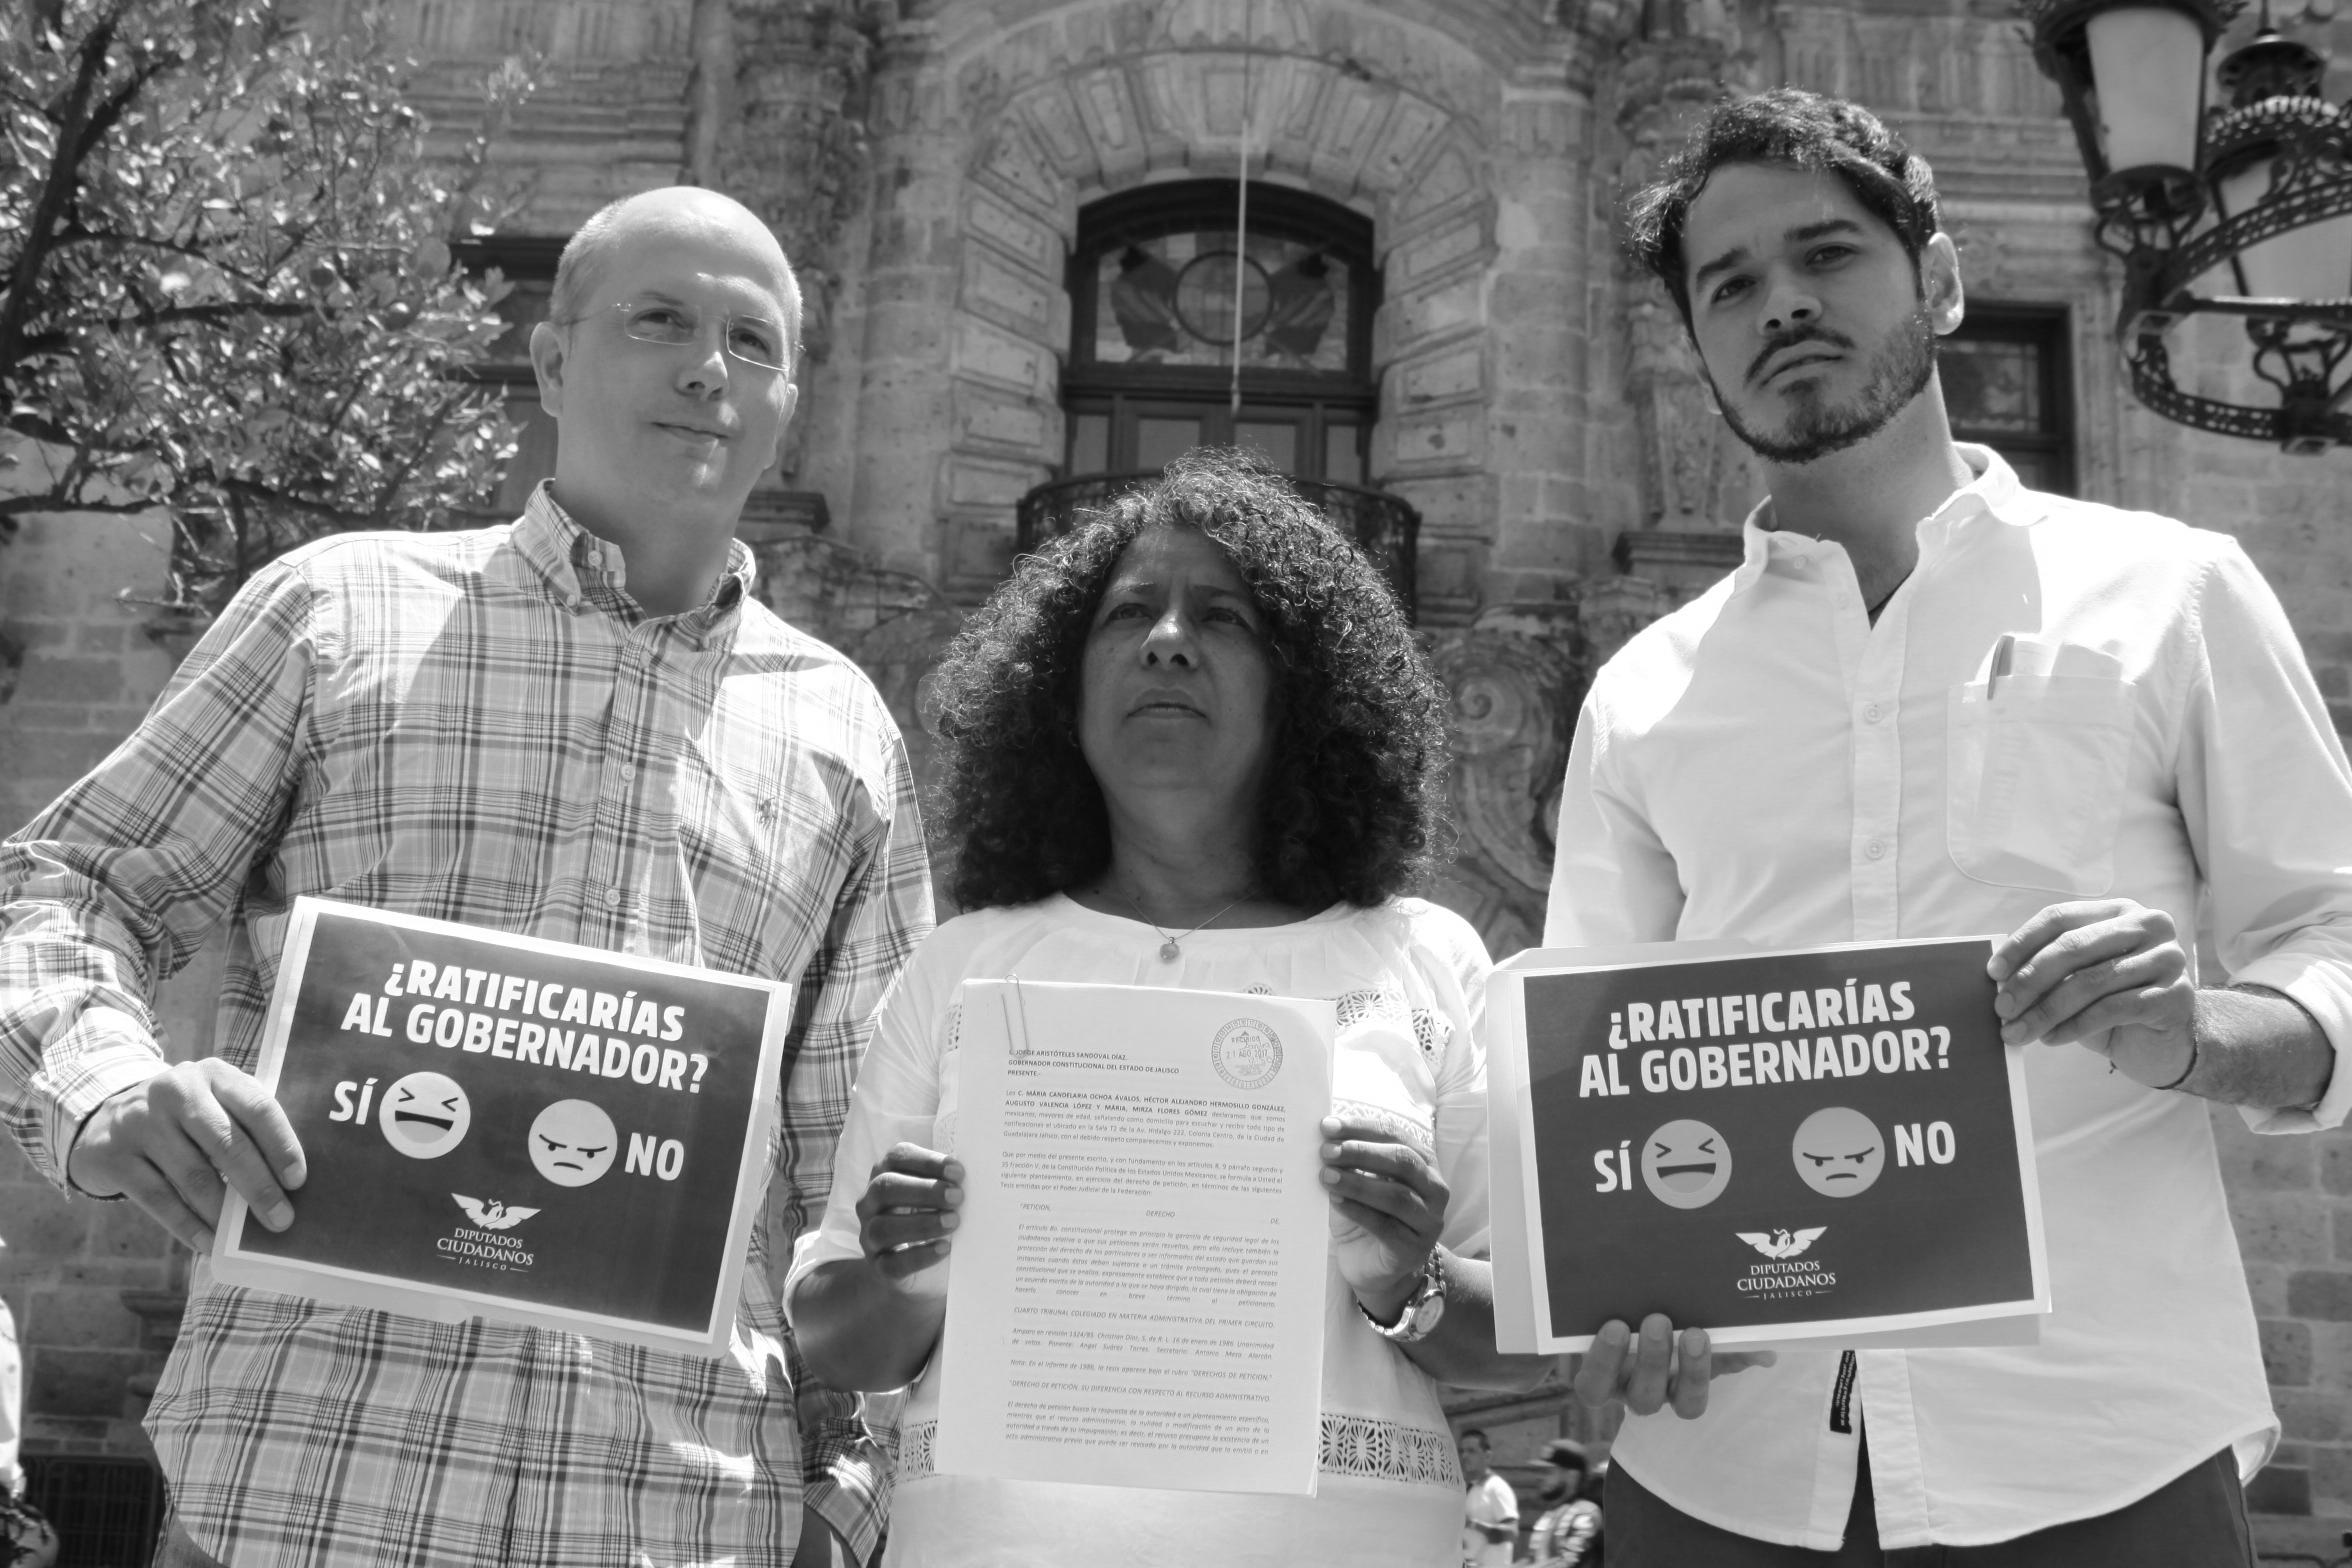 Diputados Ciudadanos piden al gobernador someterse a ratificación